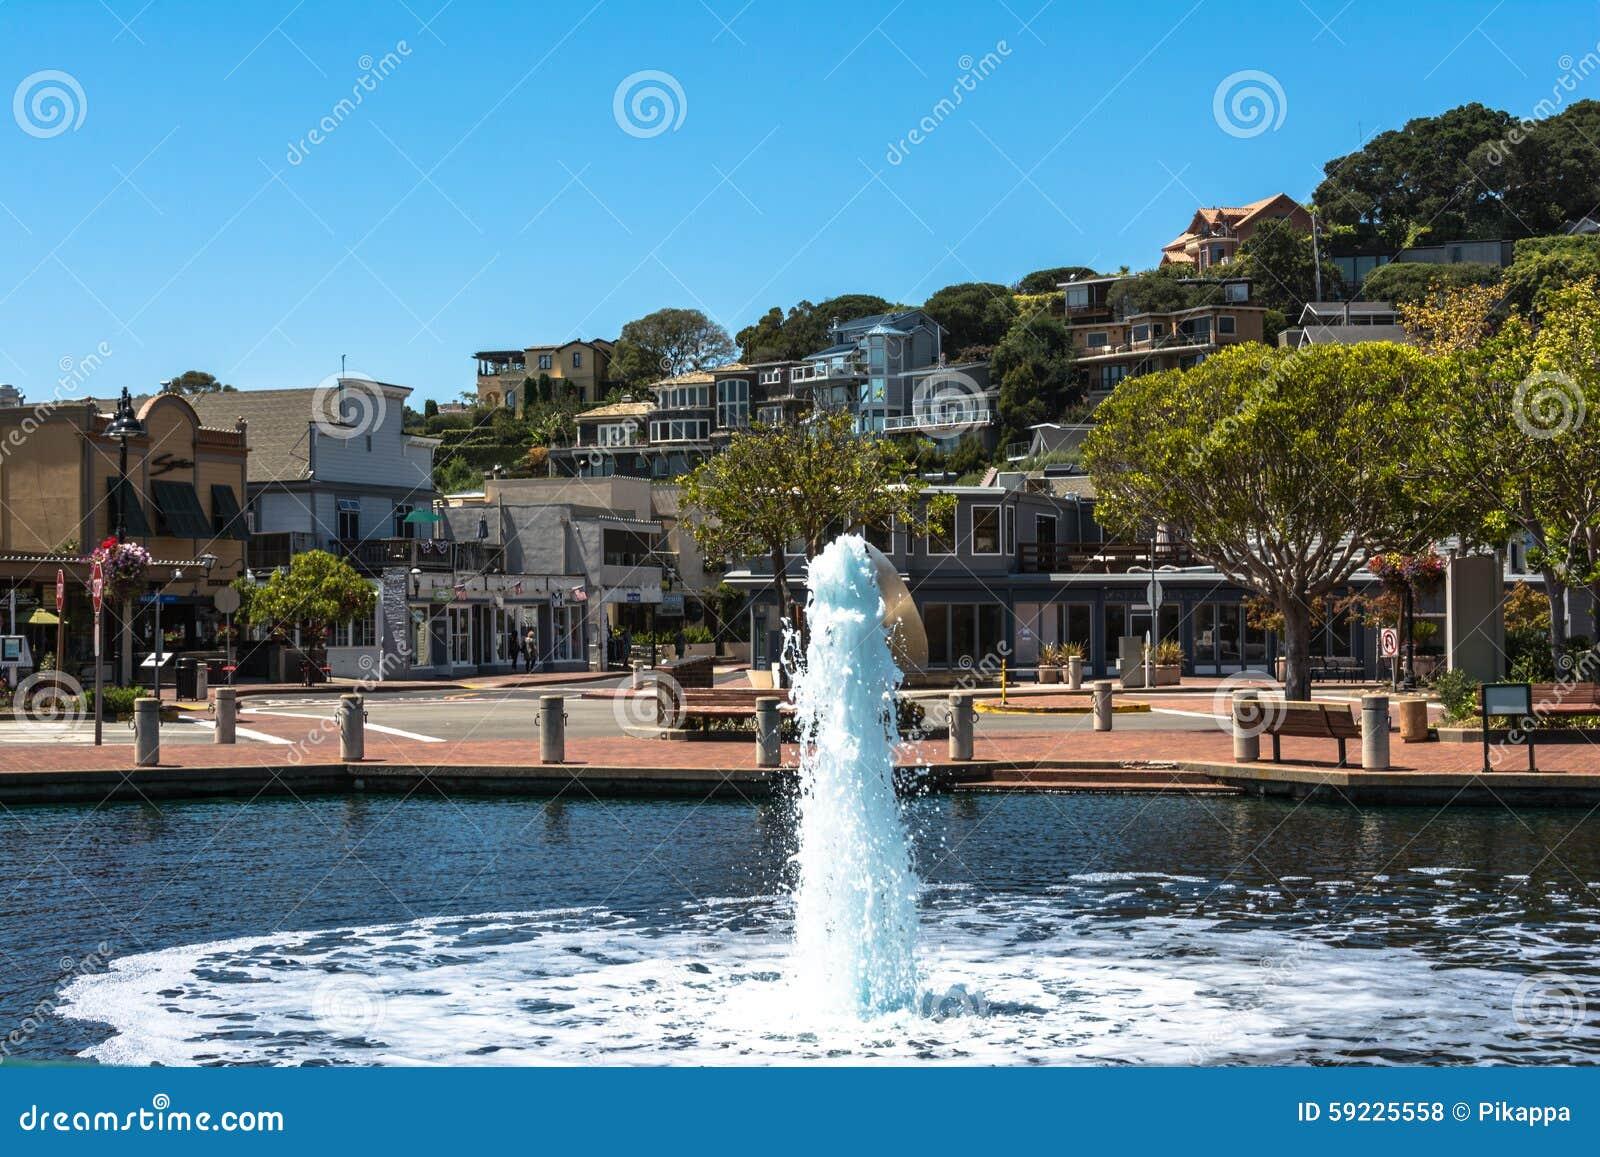 Download Fuente En Tiburon, California Foto de archivo editorial - Imagen de plaza, tiburon: 59225558